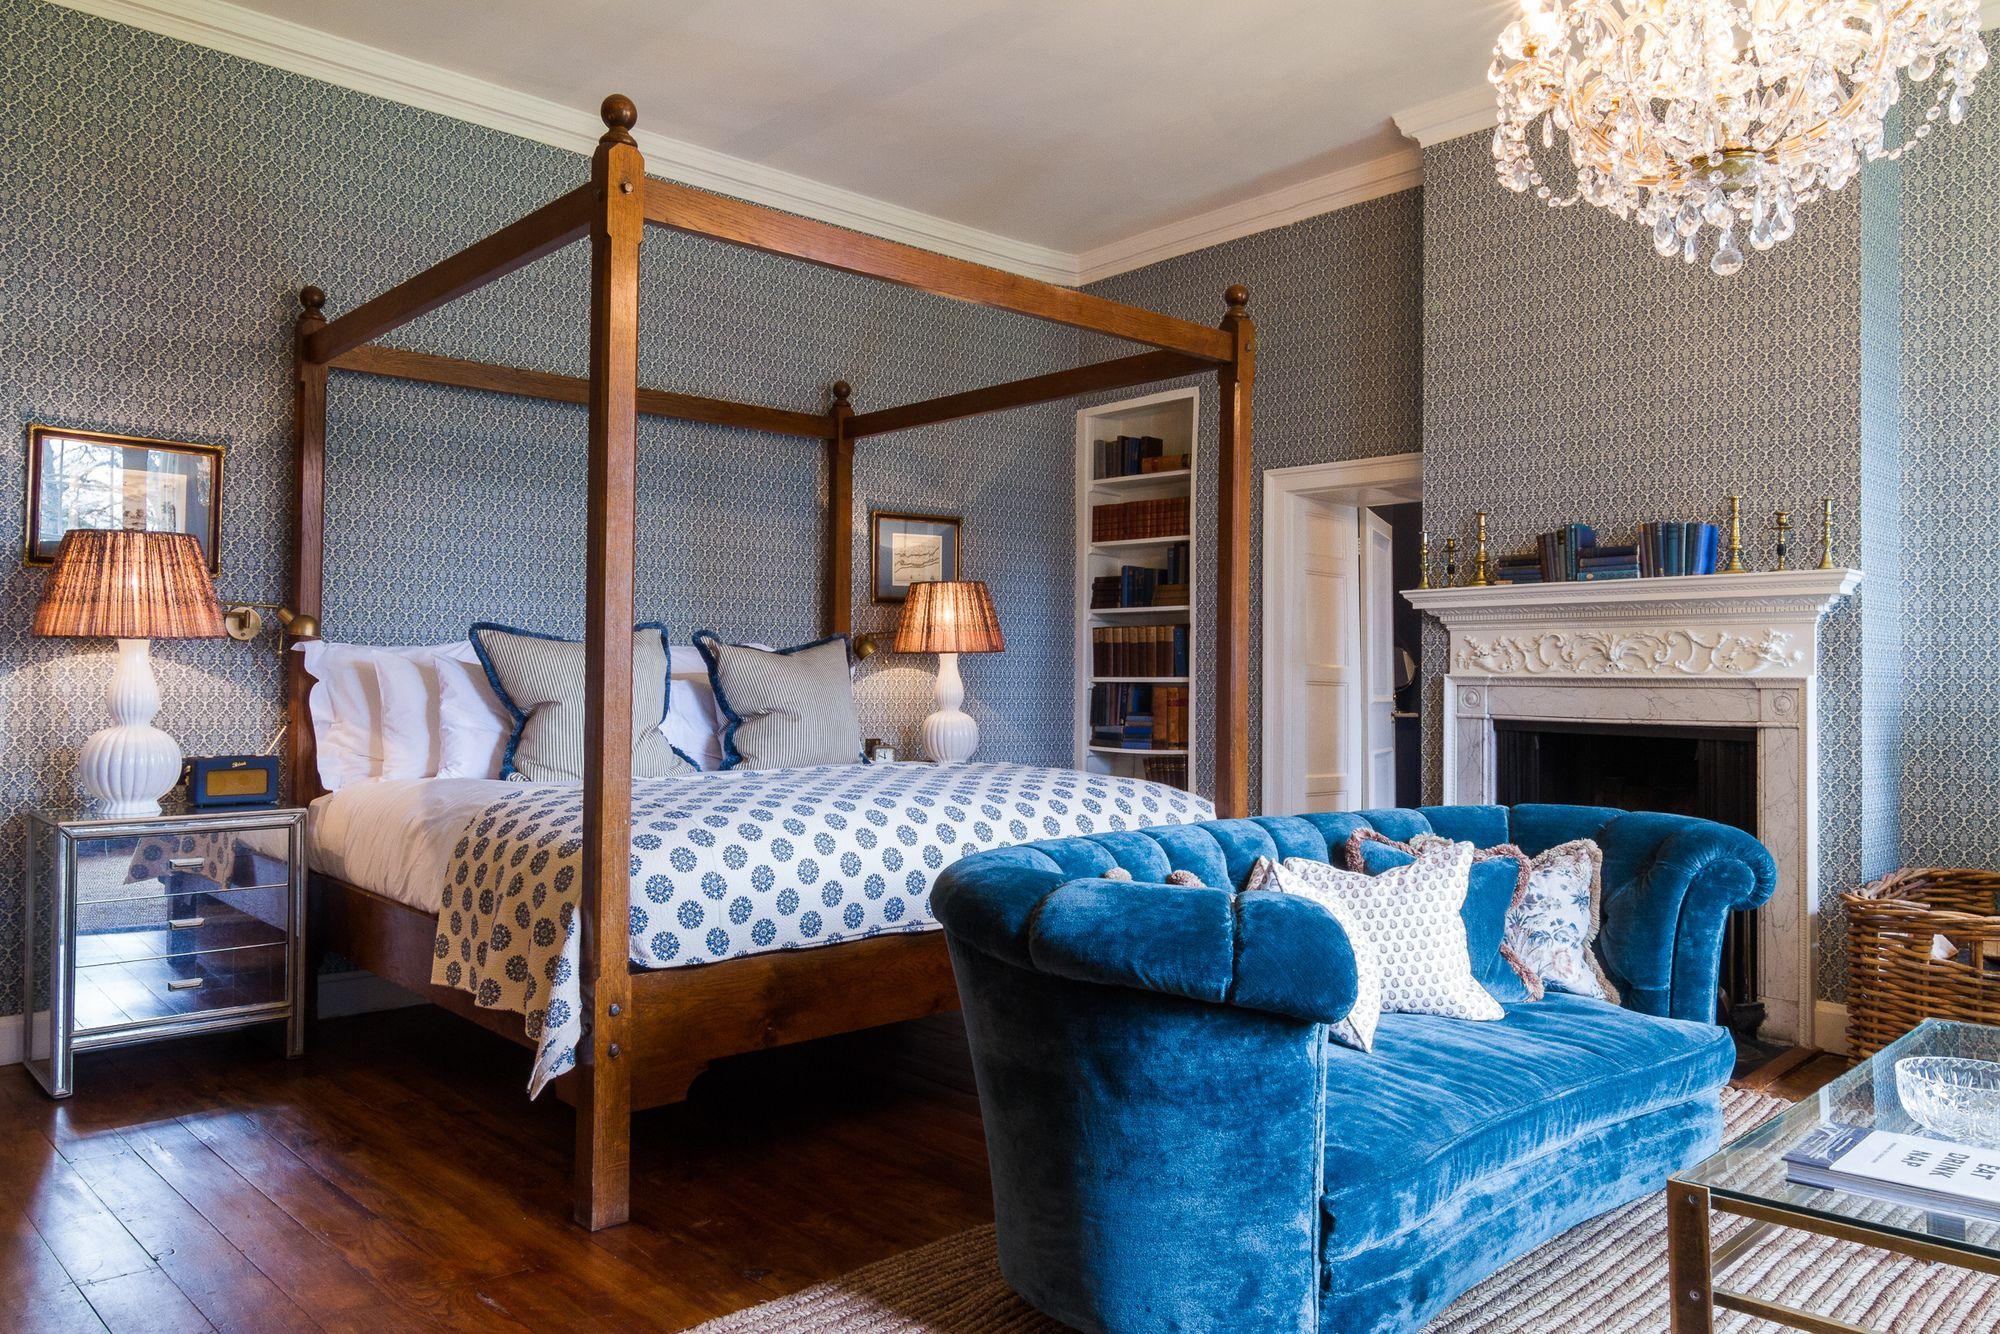 Soho House Babington House bedrooms Pinterest